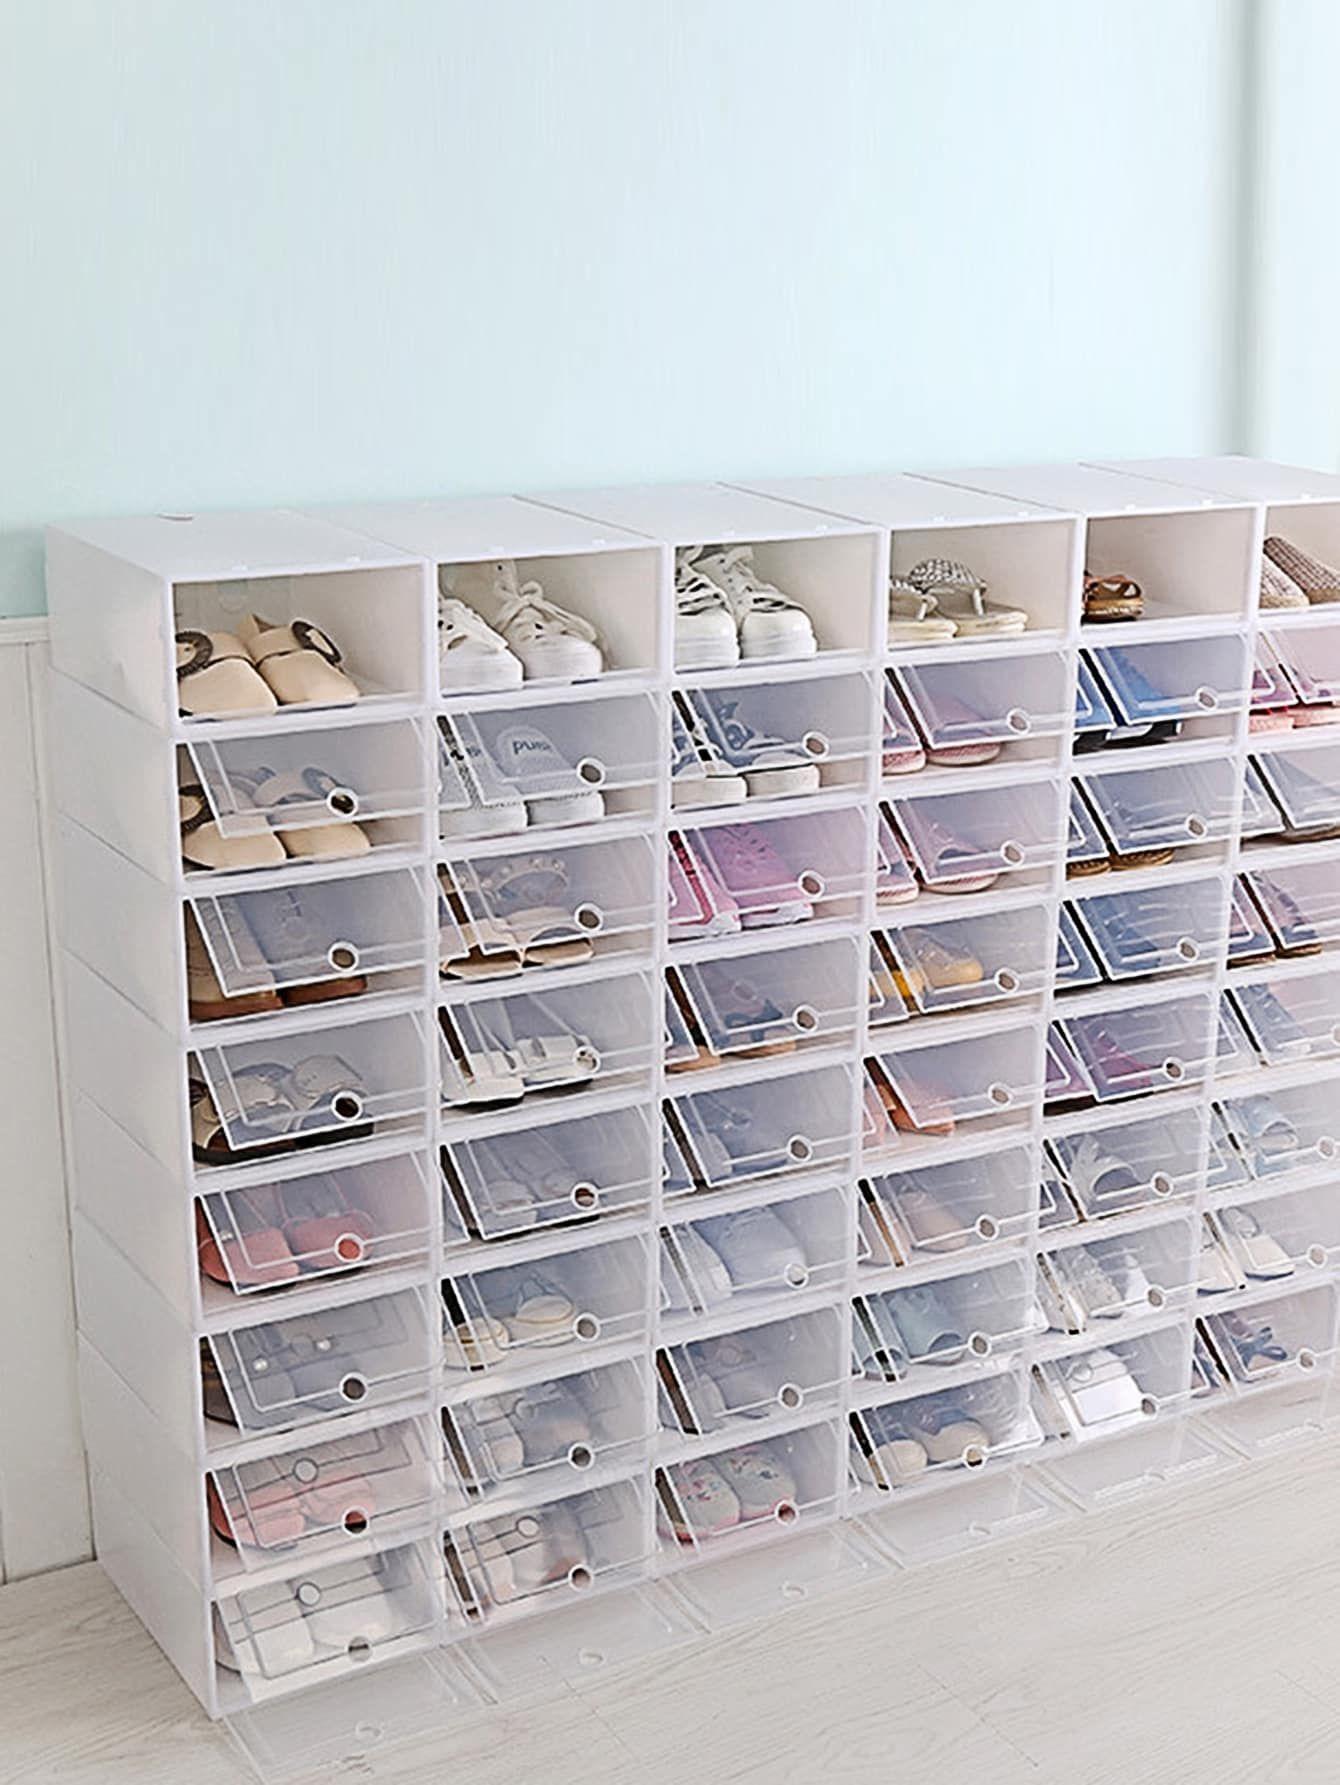 Boite De Rangement Rectangulaire Pour Chaussures 1 Piece Boite De Rangement Rangement Organisation Rangement